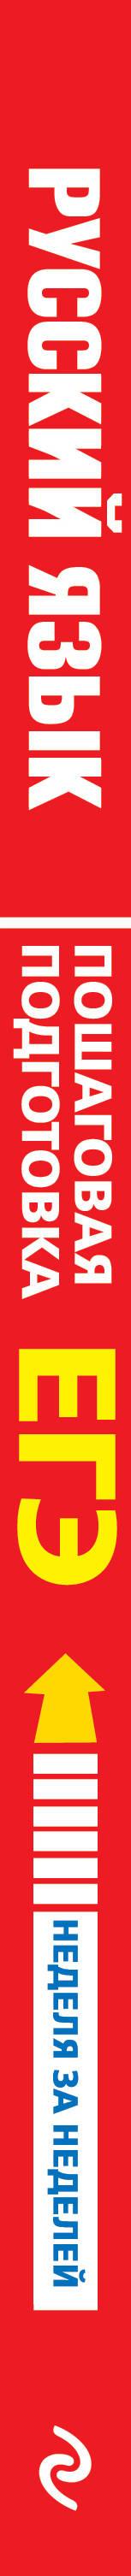 ЕГЭ. Русский язык. Пошаговая подготовка. Ткаченко Елизавета Михайловна; Воскресенская Екатерина Олеговна; Турок Алла Викторовна